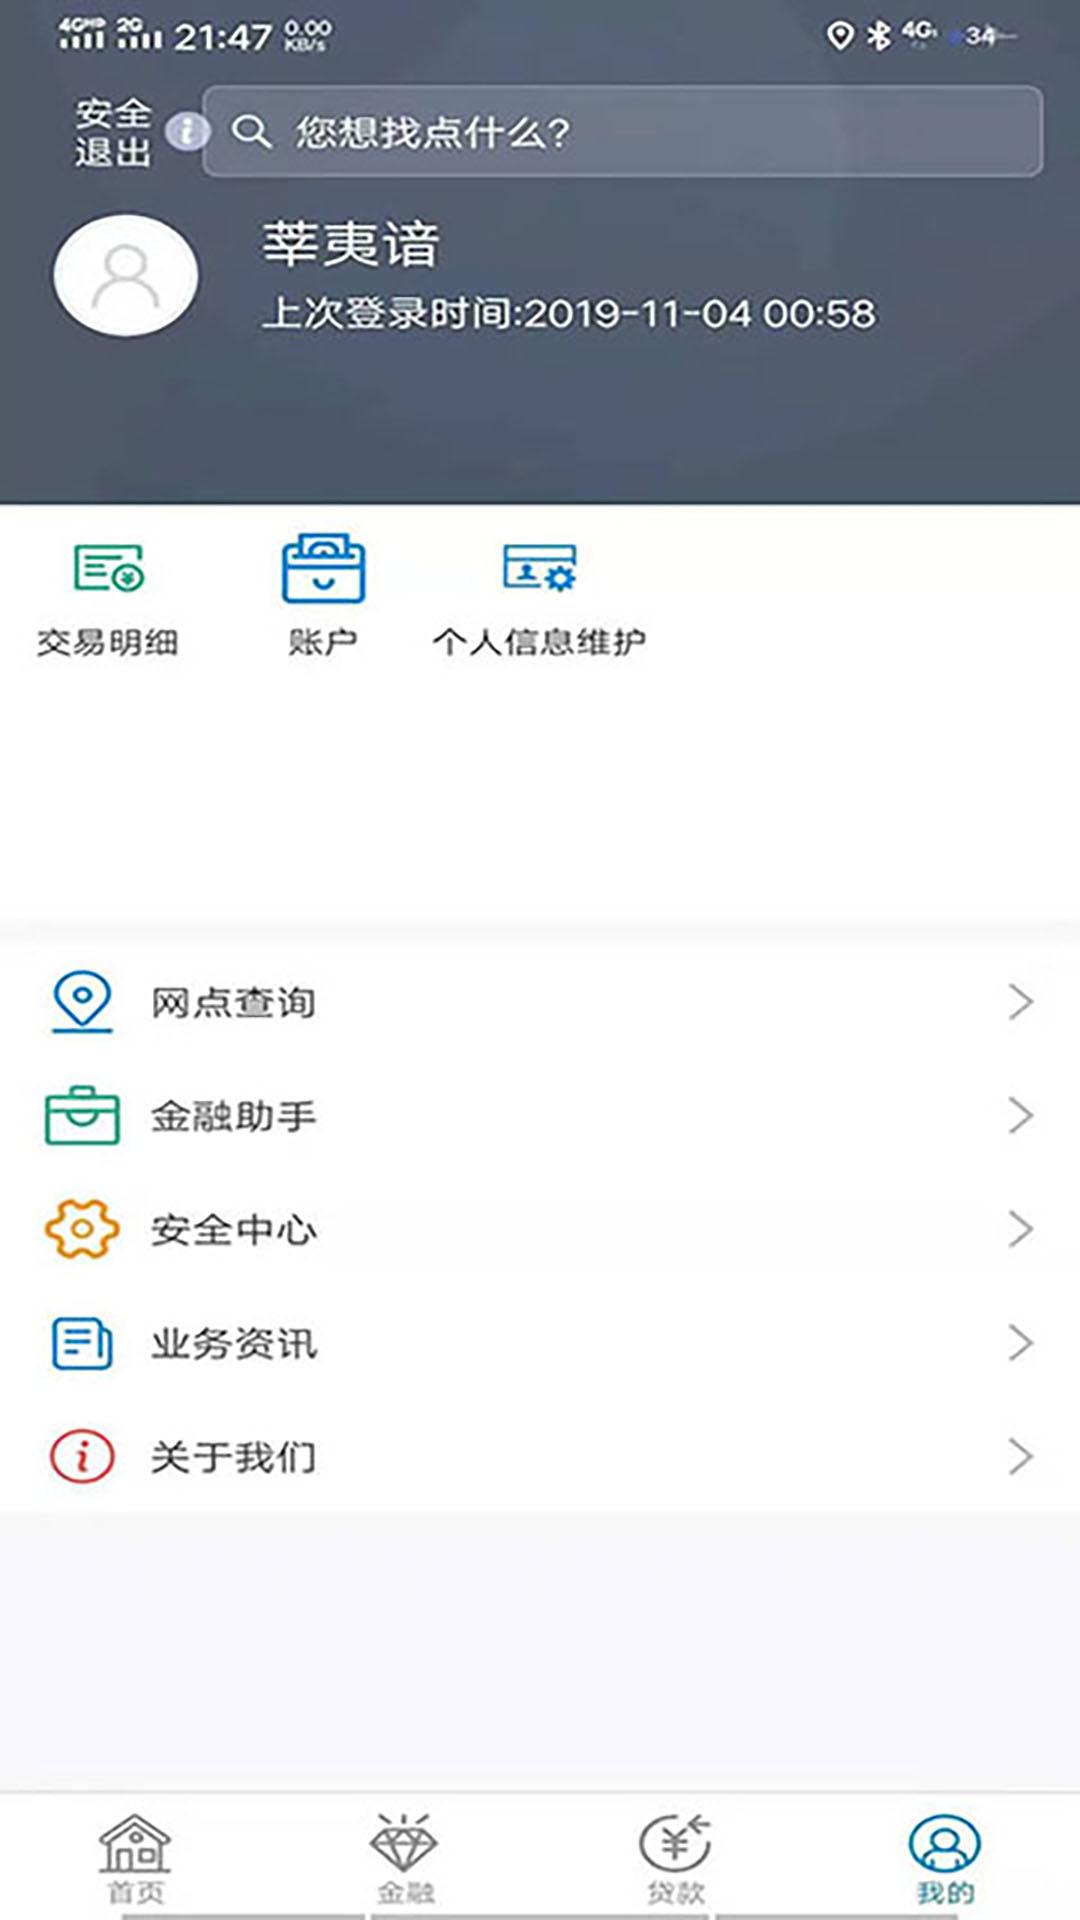 九银村镇银行手机版v4.3.7安卓版截图3